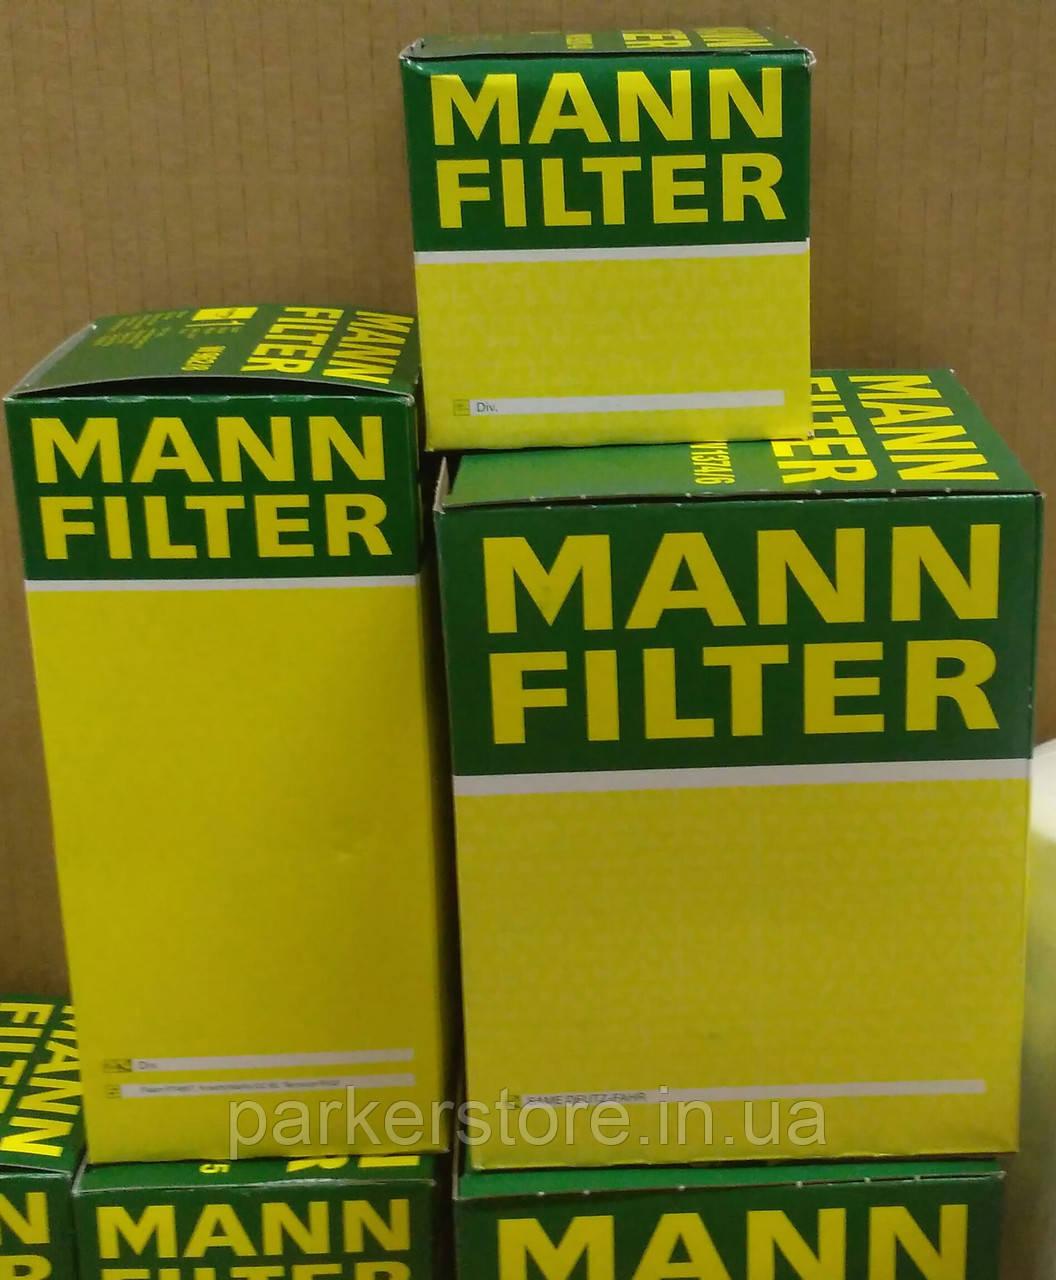 MANN FILTER / Повітряний фільтр / C 2524 / C2524